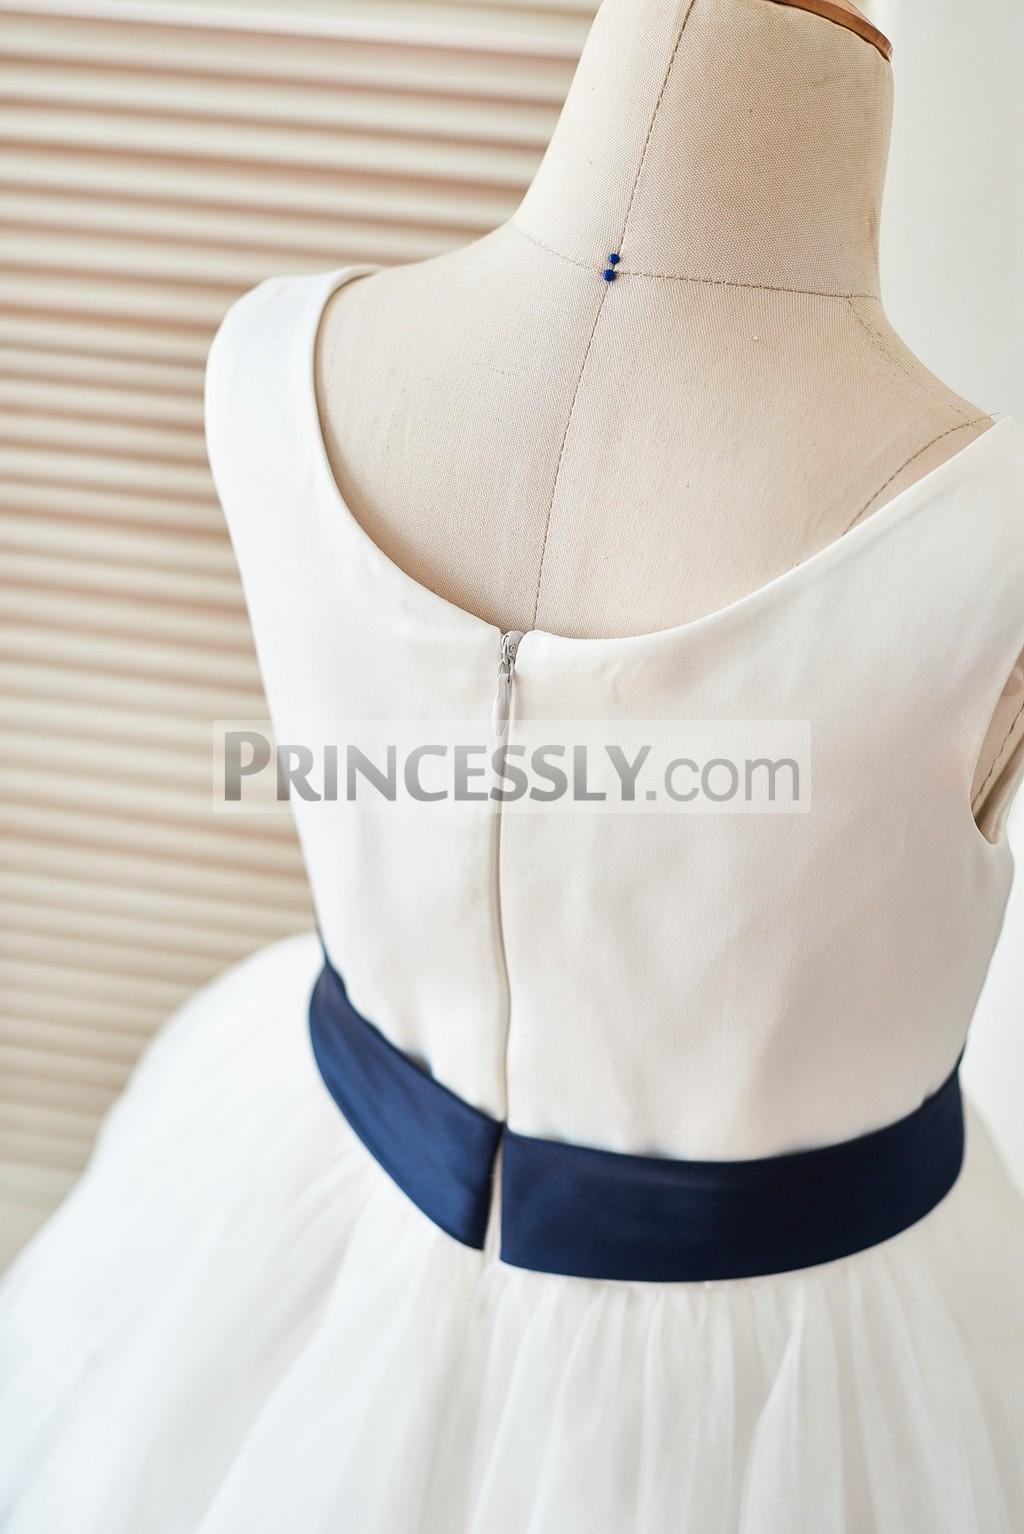 Scoop neckline zipper back